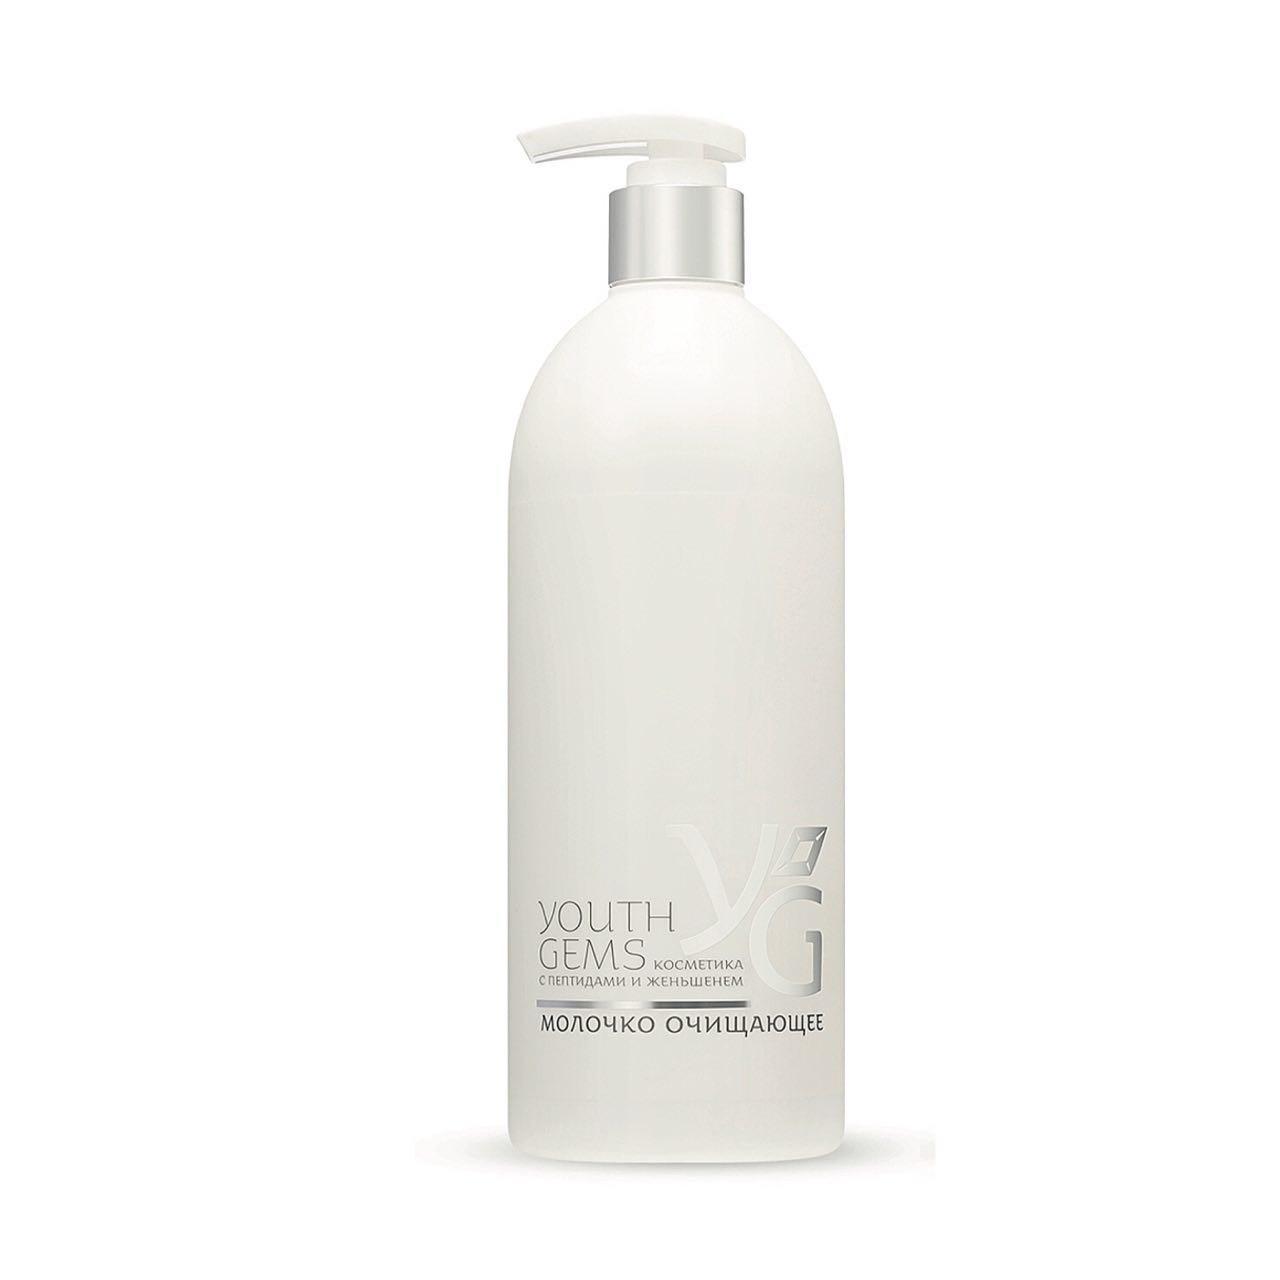 Молочко Очищающее для тела Youth Gems с пептидами и экстрактом женьшеня 500 мл